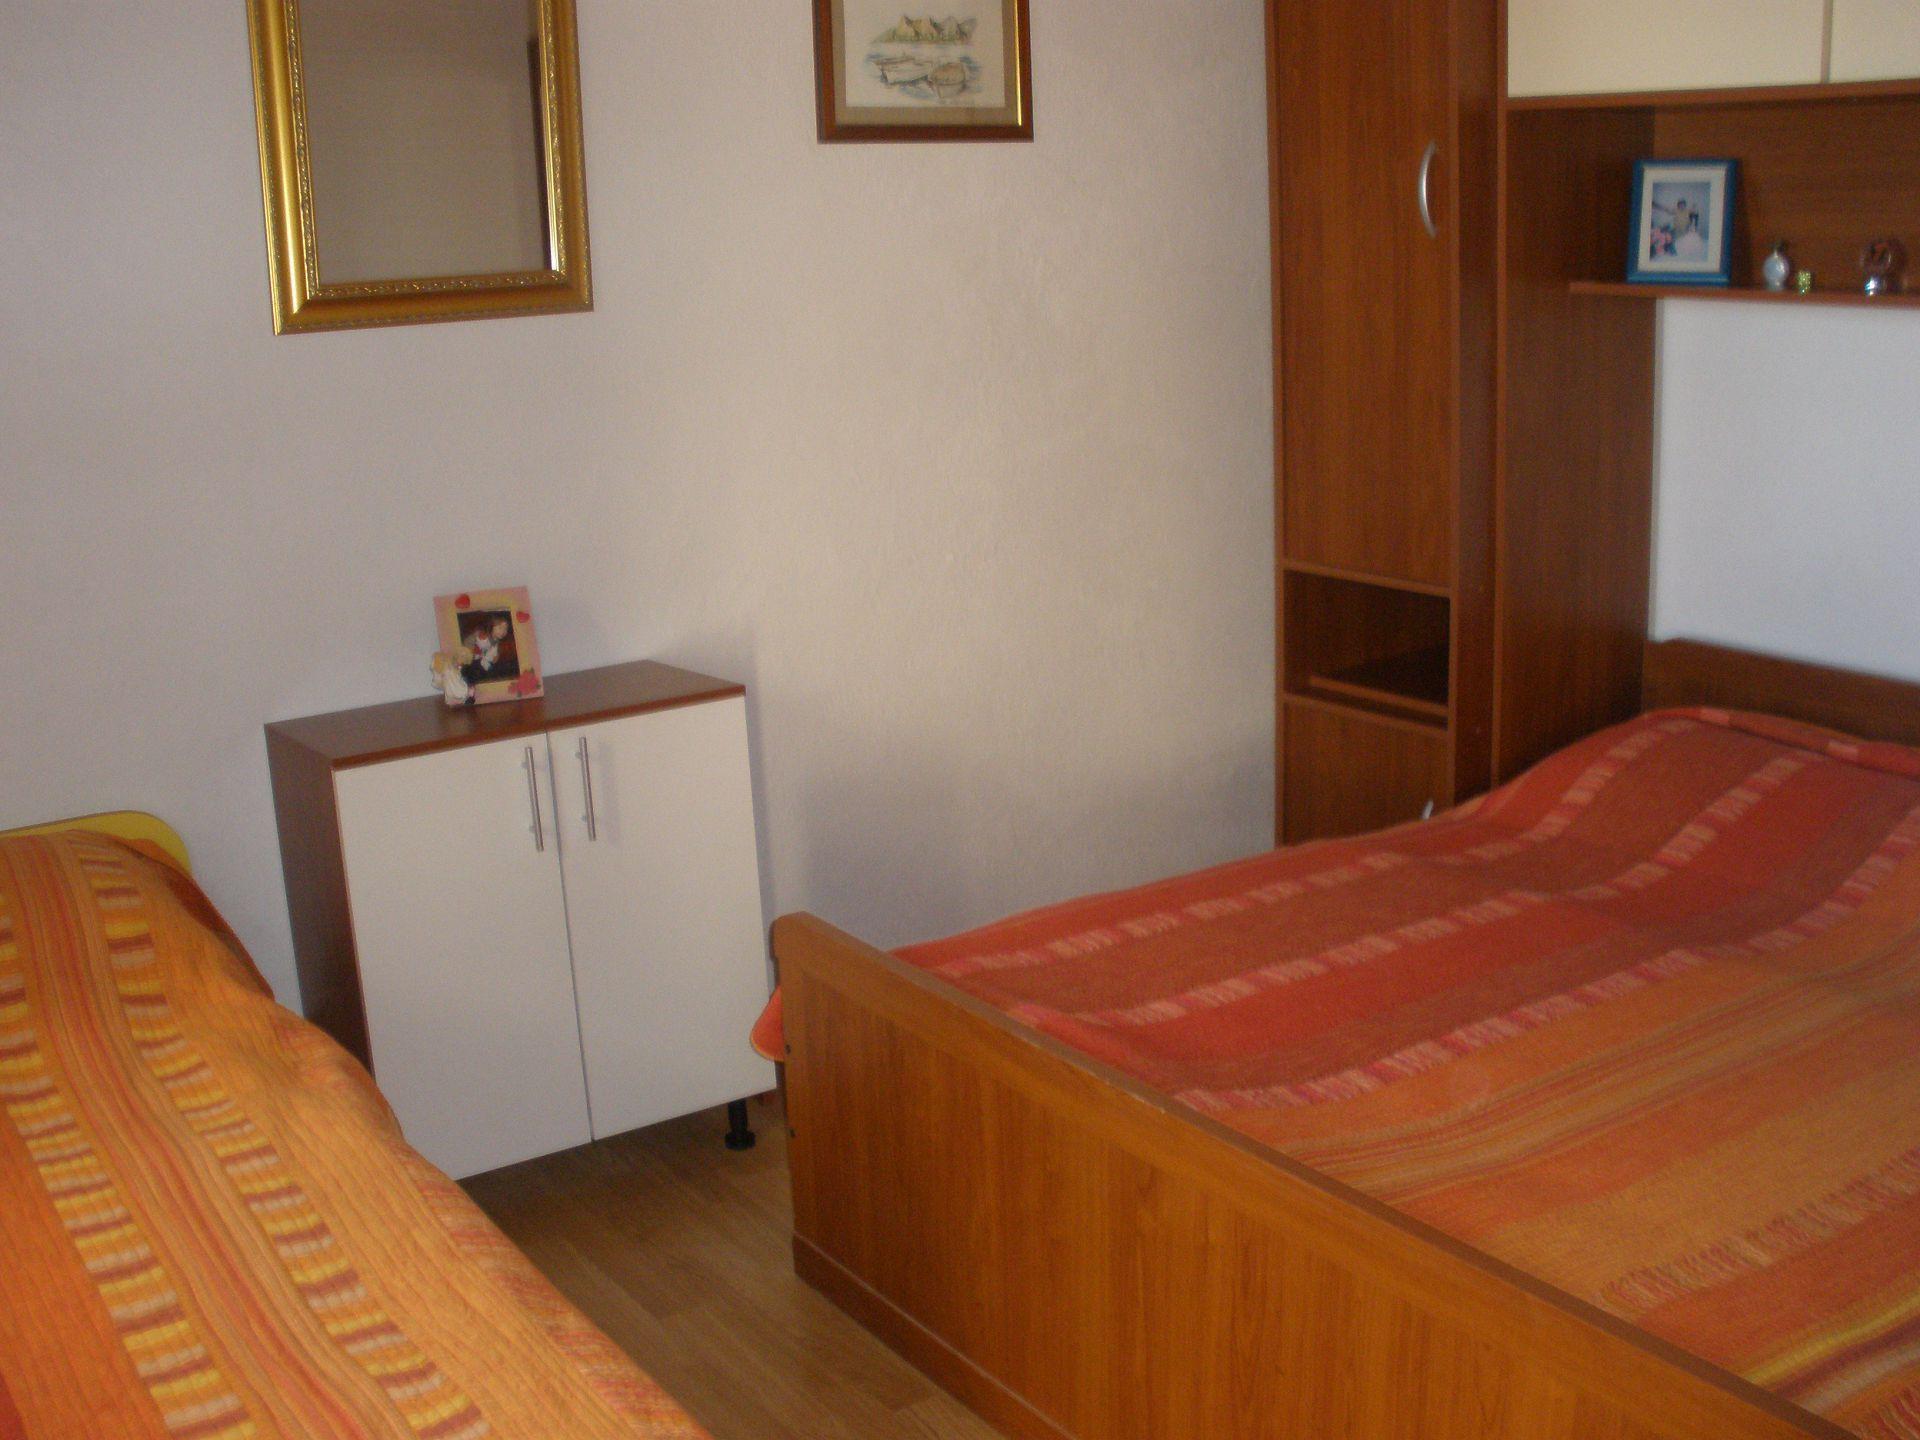 5257  - Pisak - Ferienwohnungen Kroatien - A2 PRIZEMLJE (3+2): Schlafzimmer